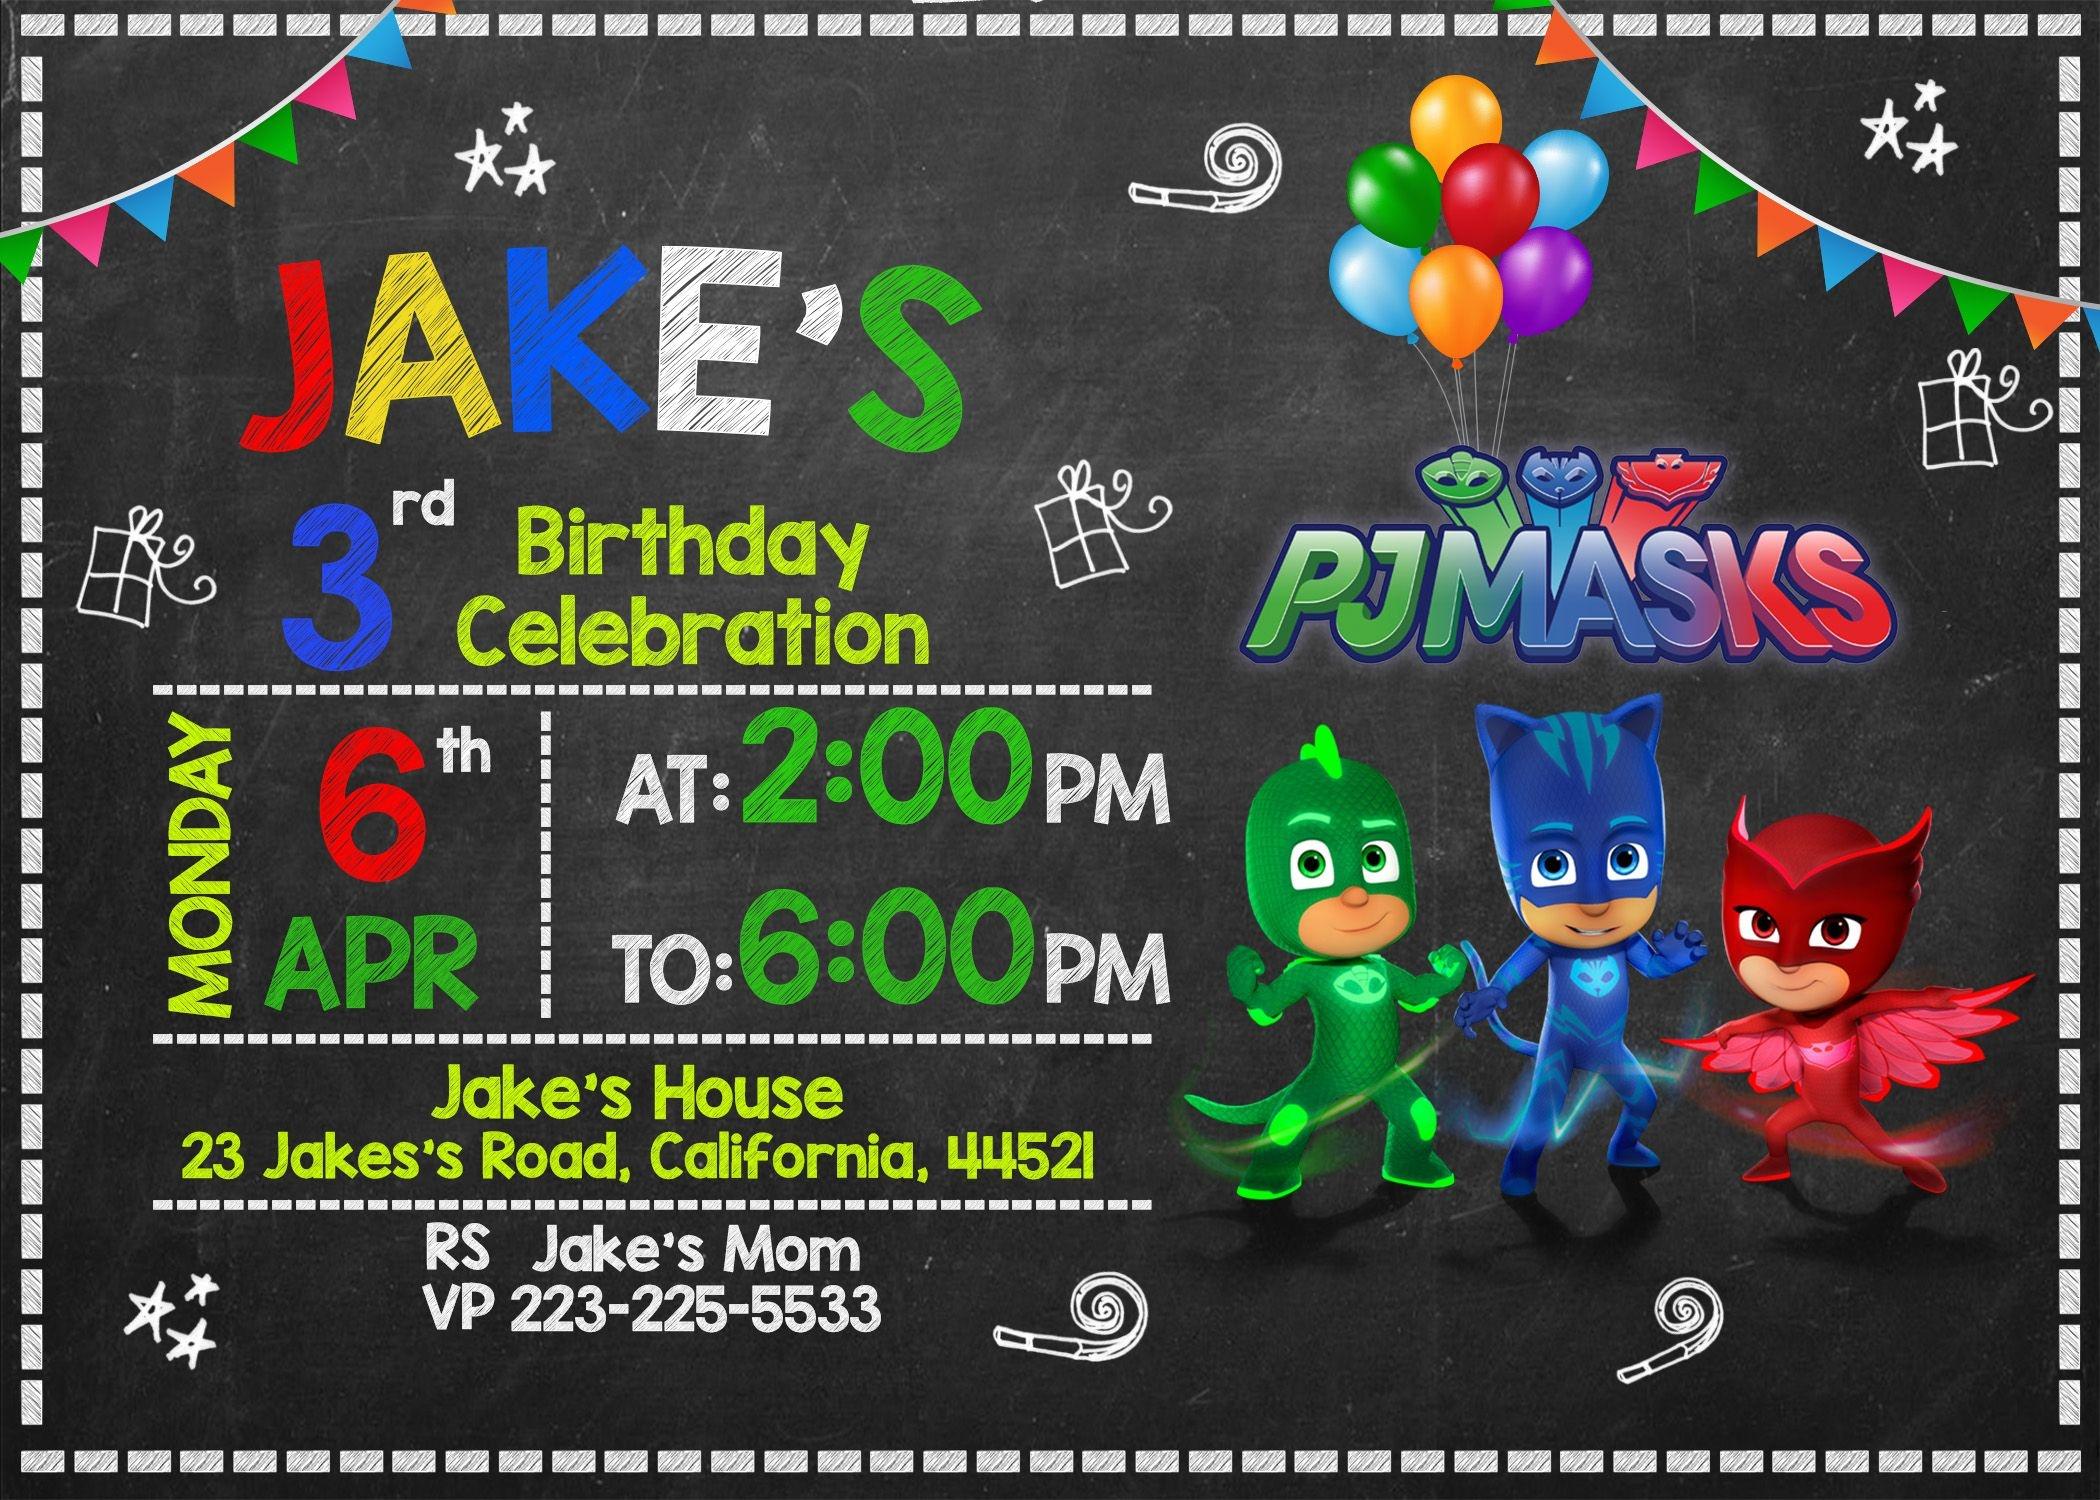 Free Pj Masks Invitation Printable Templates Download | Party In - Free Printable Pj Masks Invitations